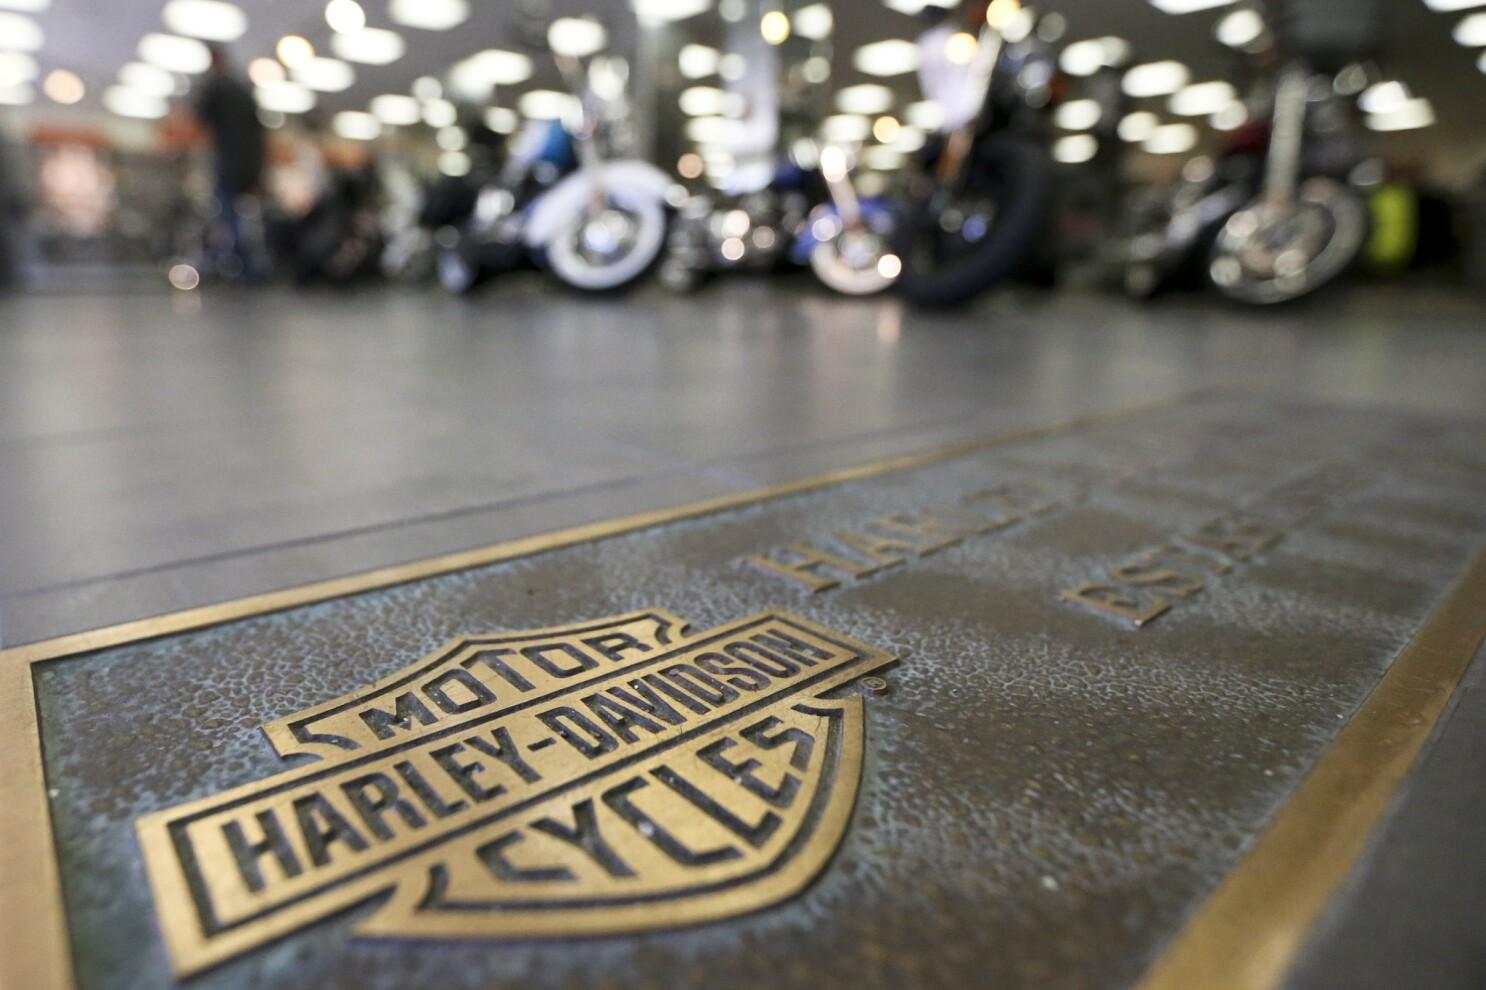 Harley-Davidson gets EU approval for tariff-dodging import plan